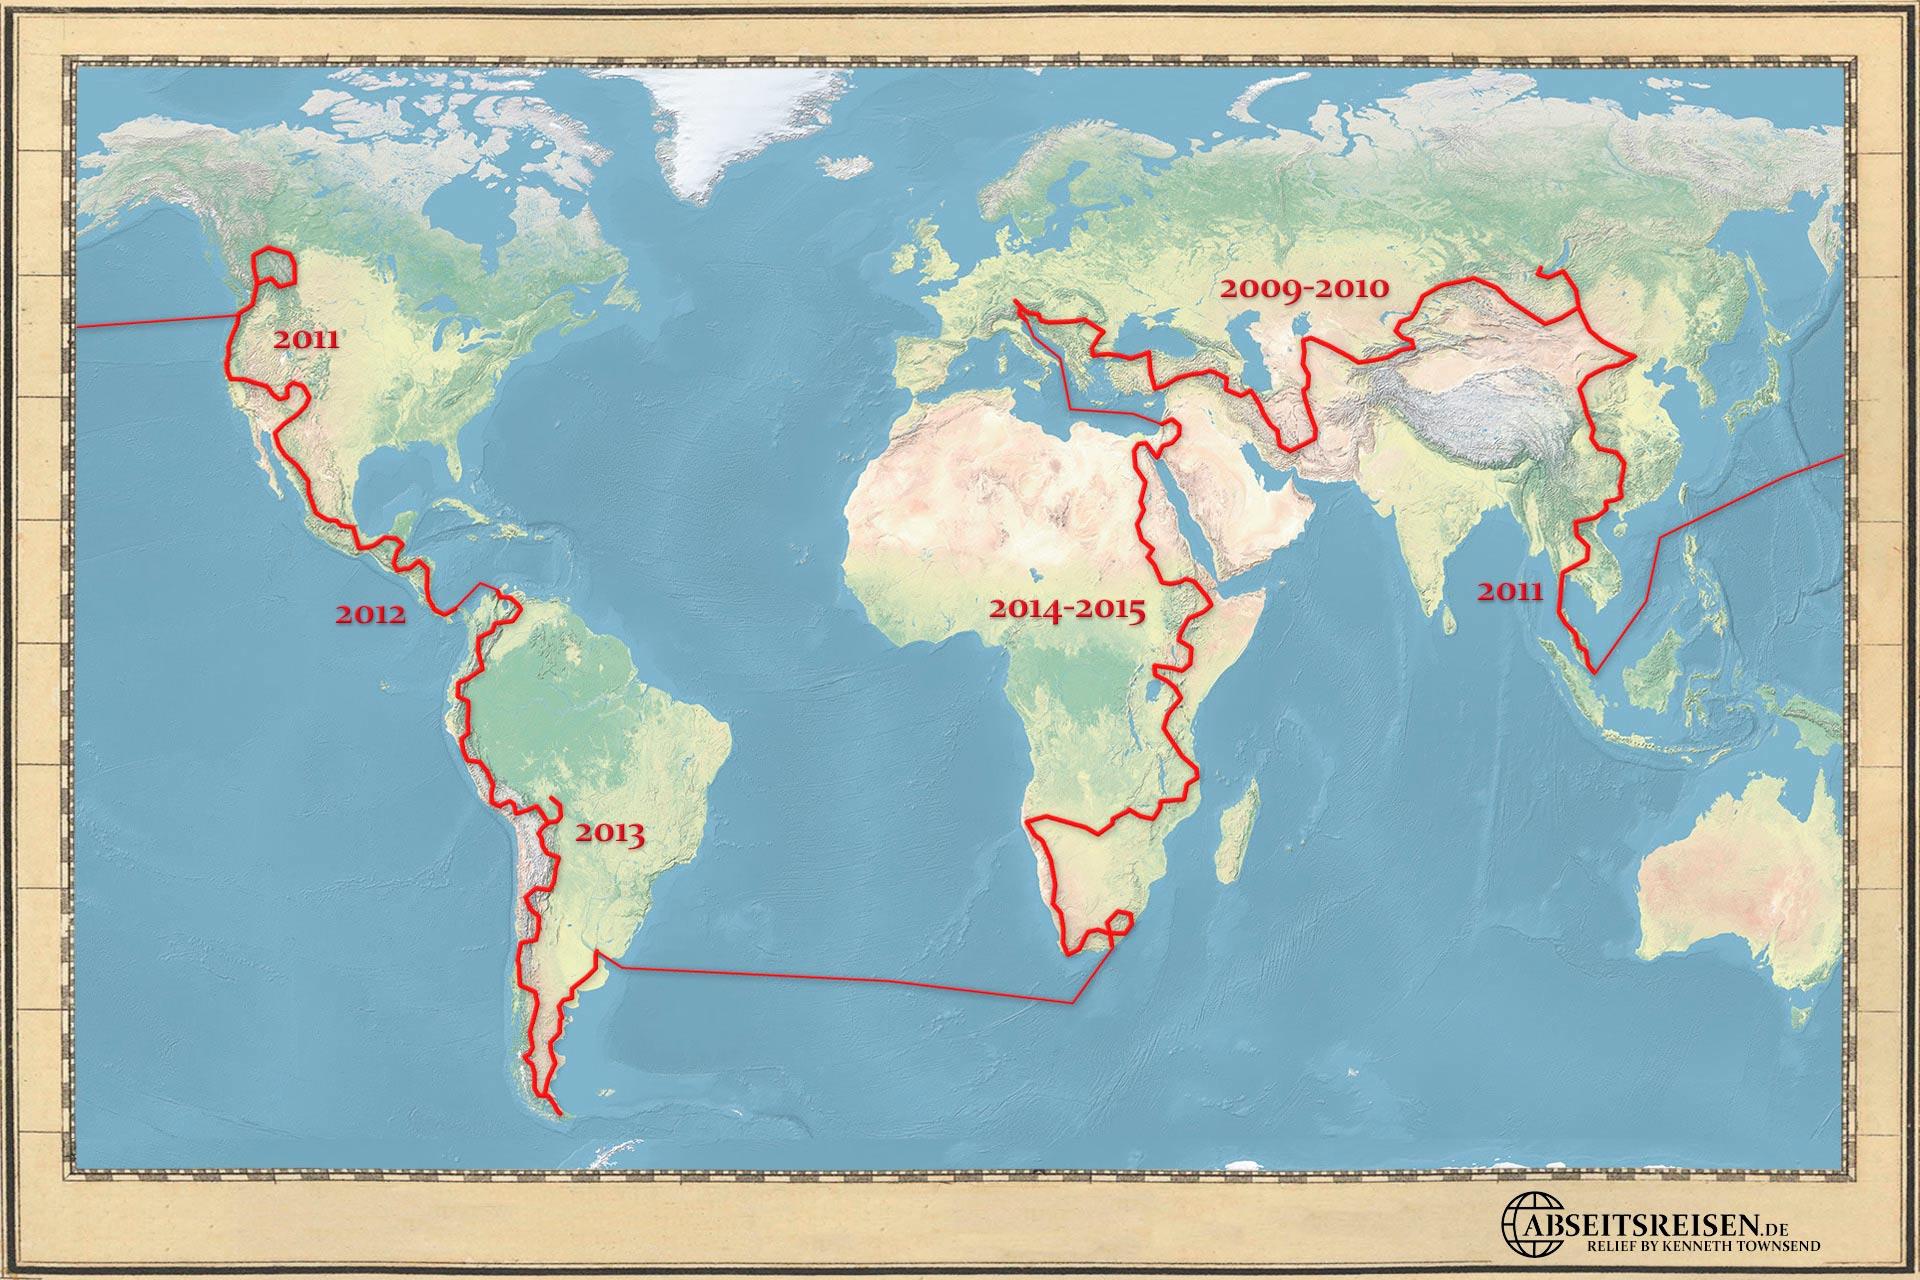 Reiseroute abseitsreisen